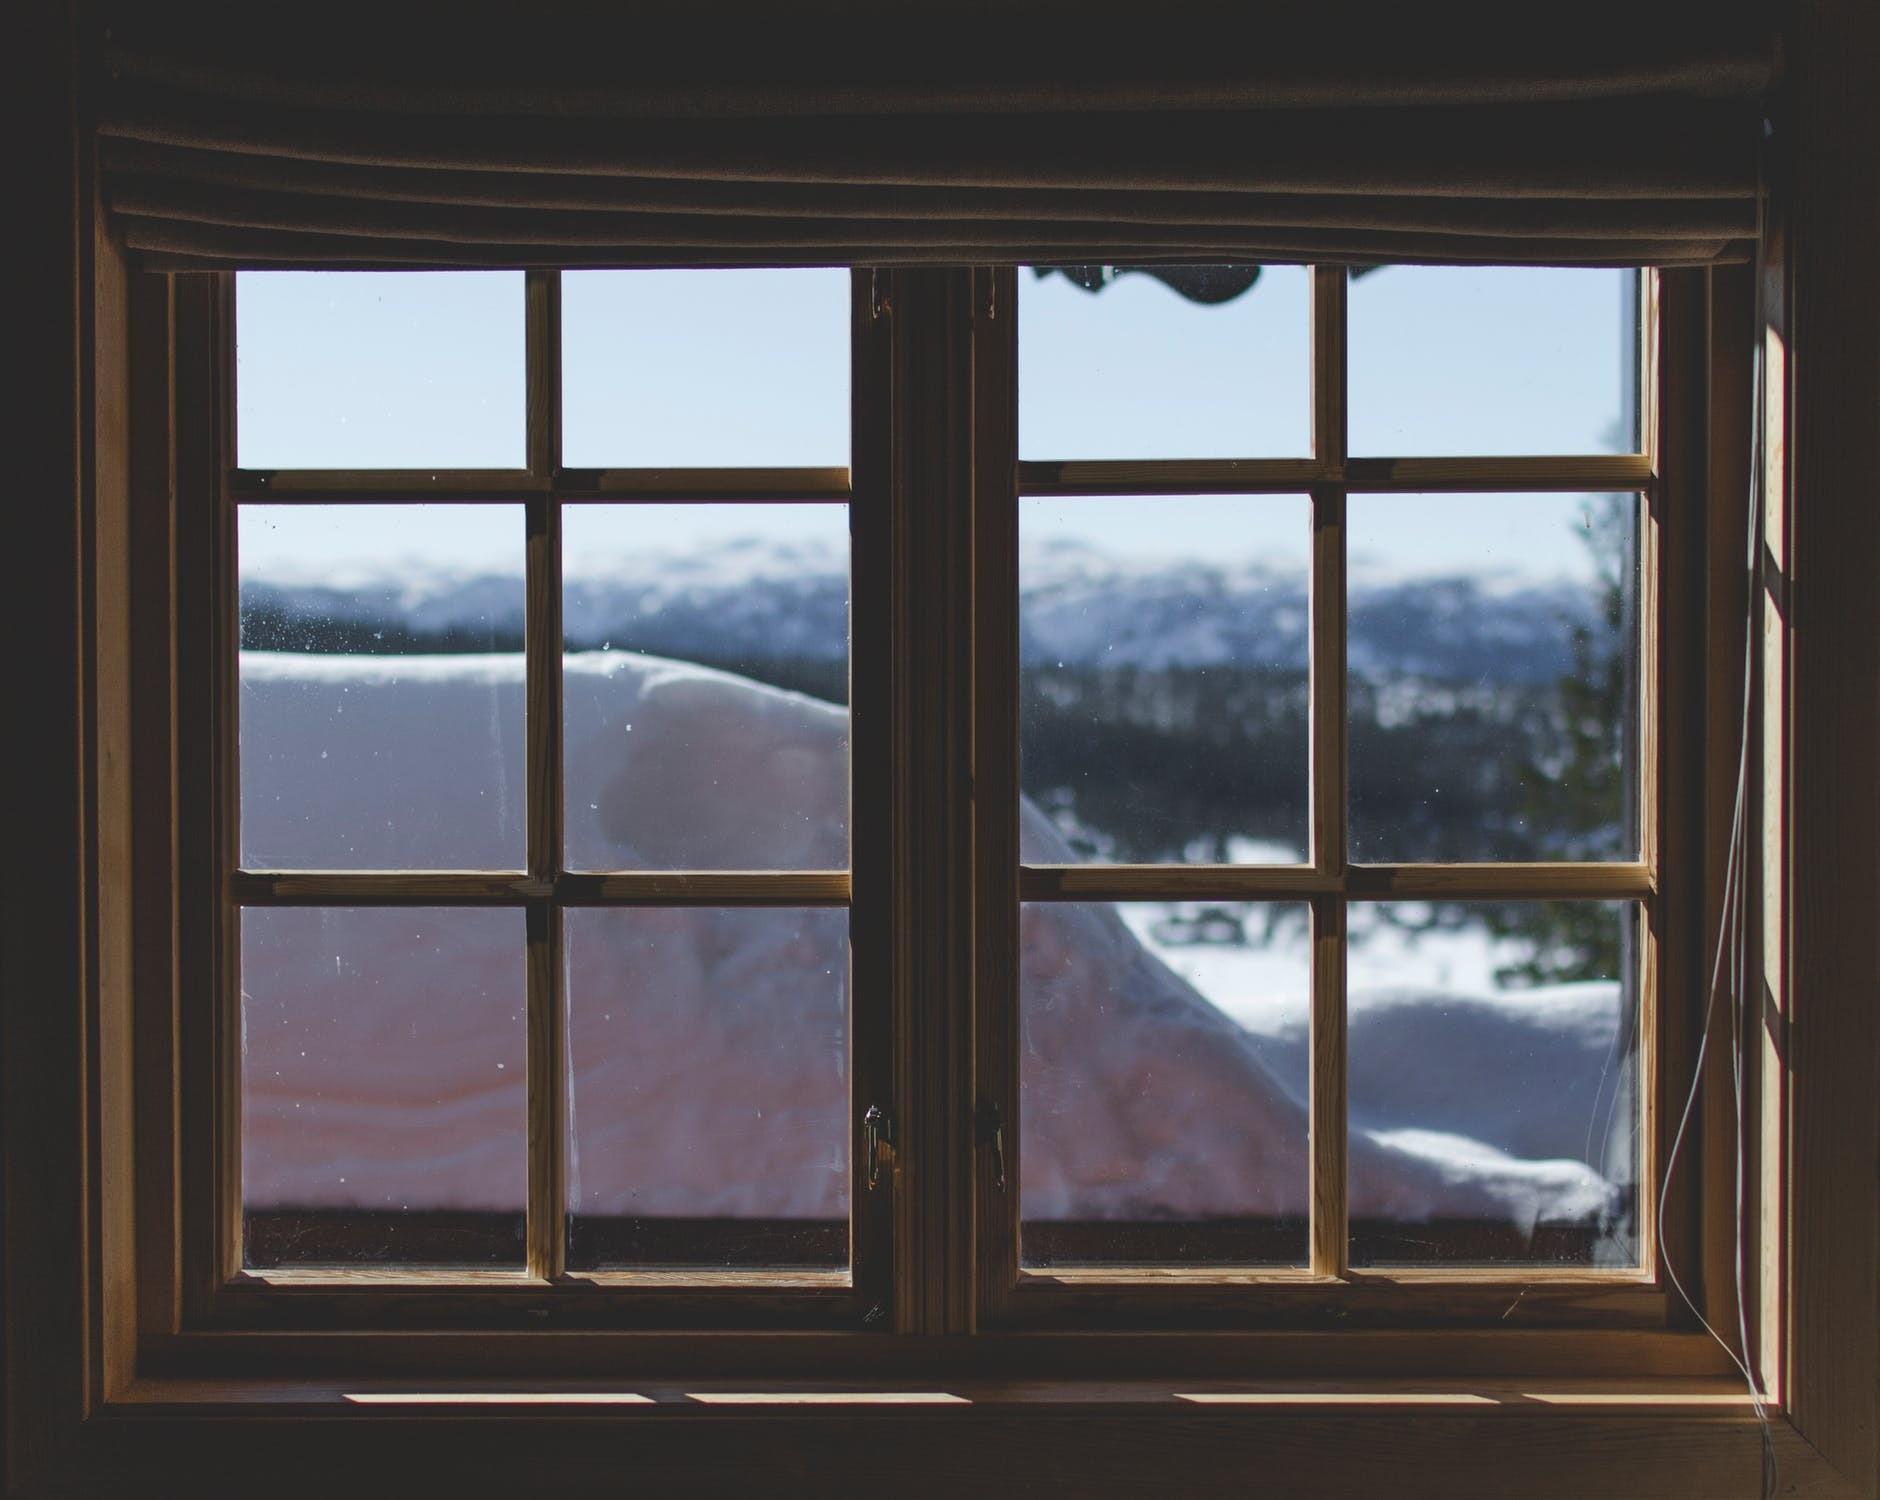 Не сиди, не стой, не мети: 27 самых популярных бытовых суеверий